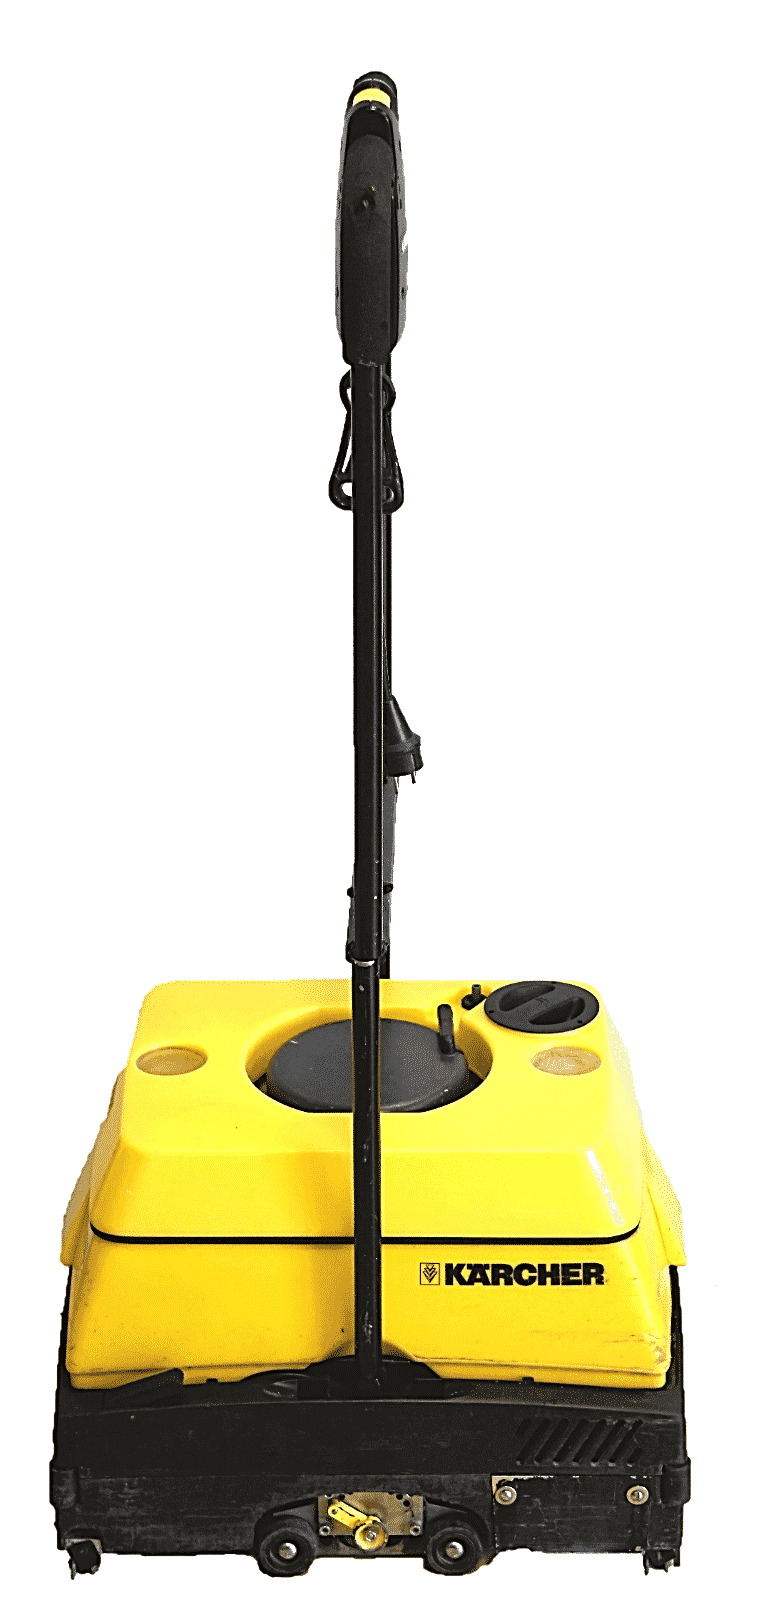 1.926-121.0 | Kärcher BR 400 Scheuersaugmaschine 230 V Gebrauchtgerät